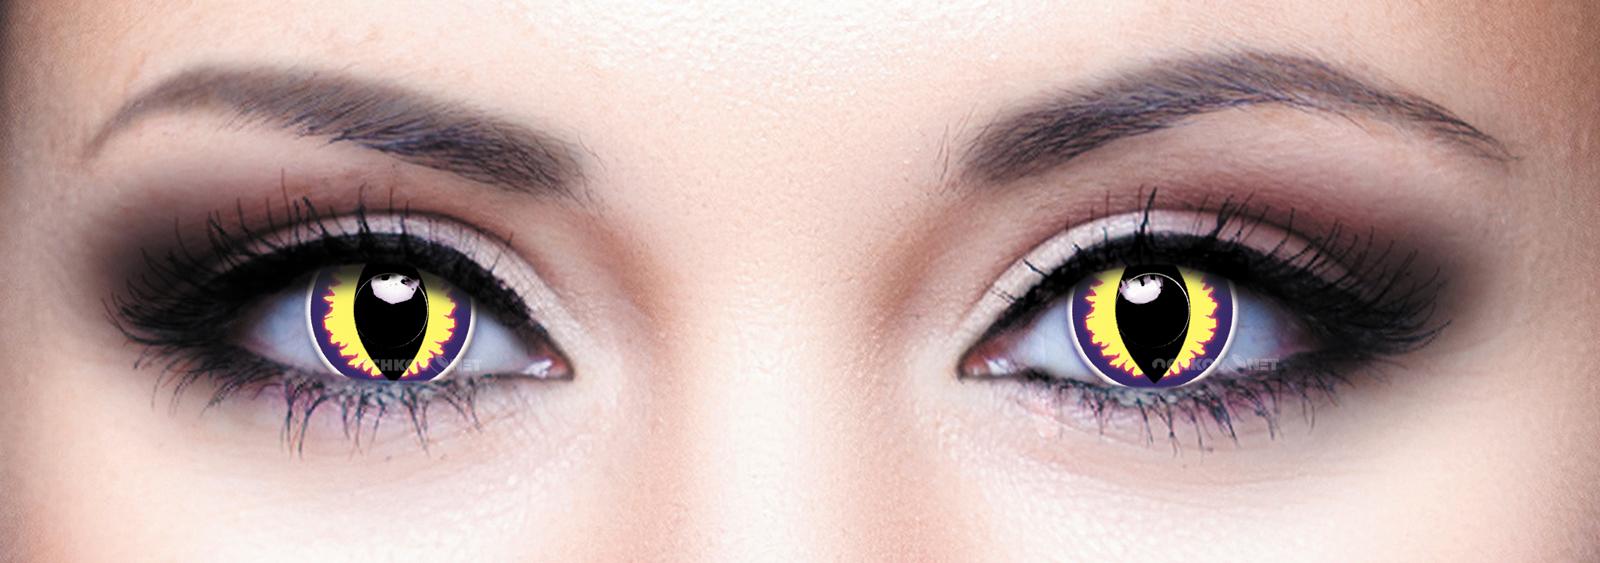 Контактные линзы Eye Free Colors Crazy Дьявол-фиолетово-желтый-083 2 линзы